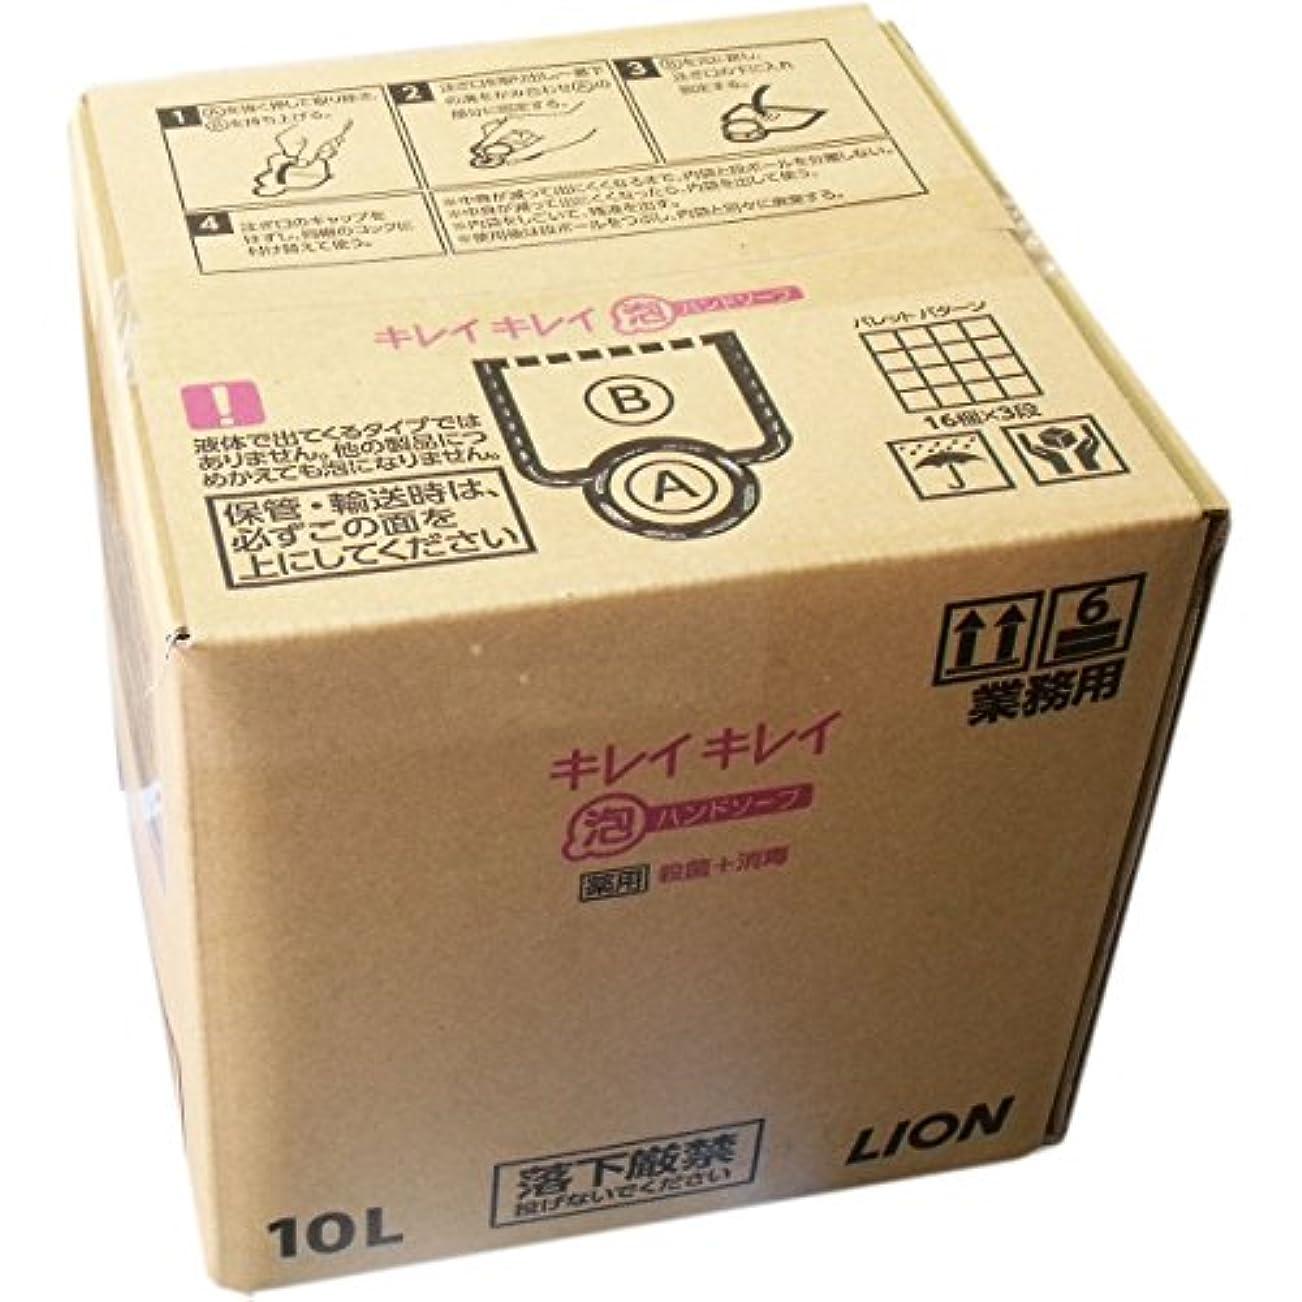 プロトタイプ操作政治家のライオン 業務用キレイキレイ 薬用泡ハンドソープ 10L